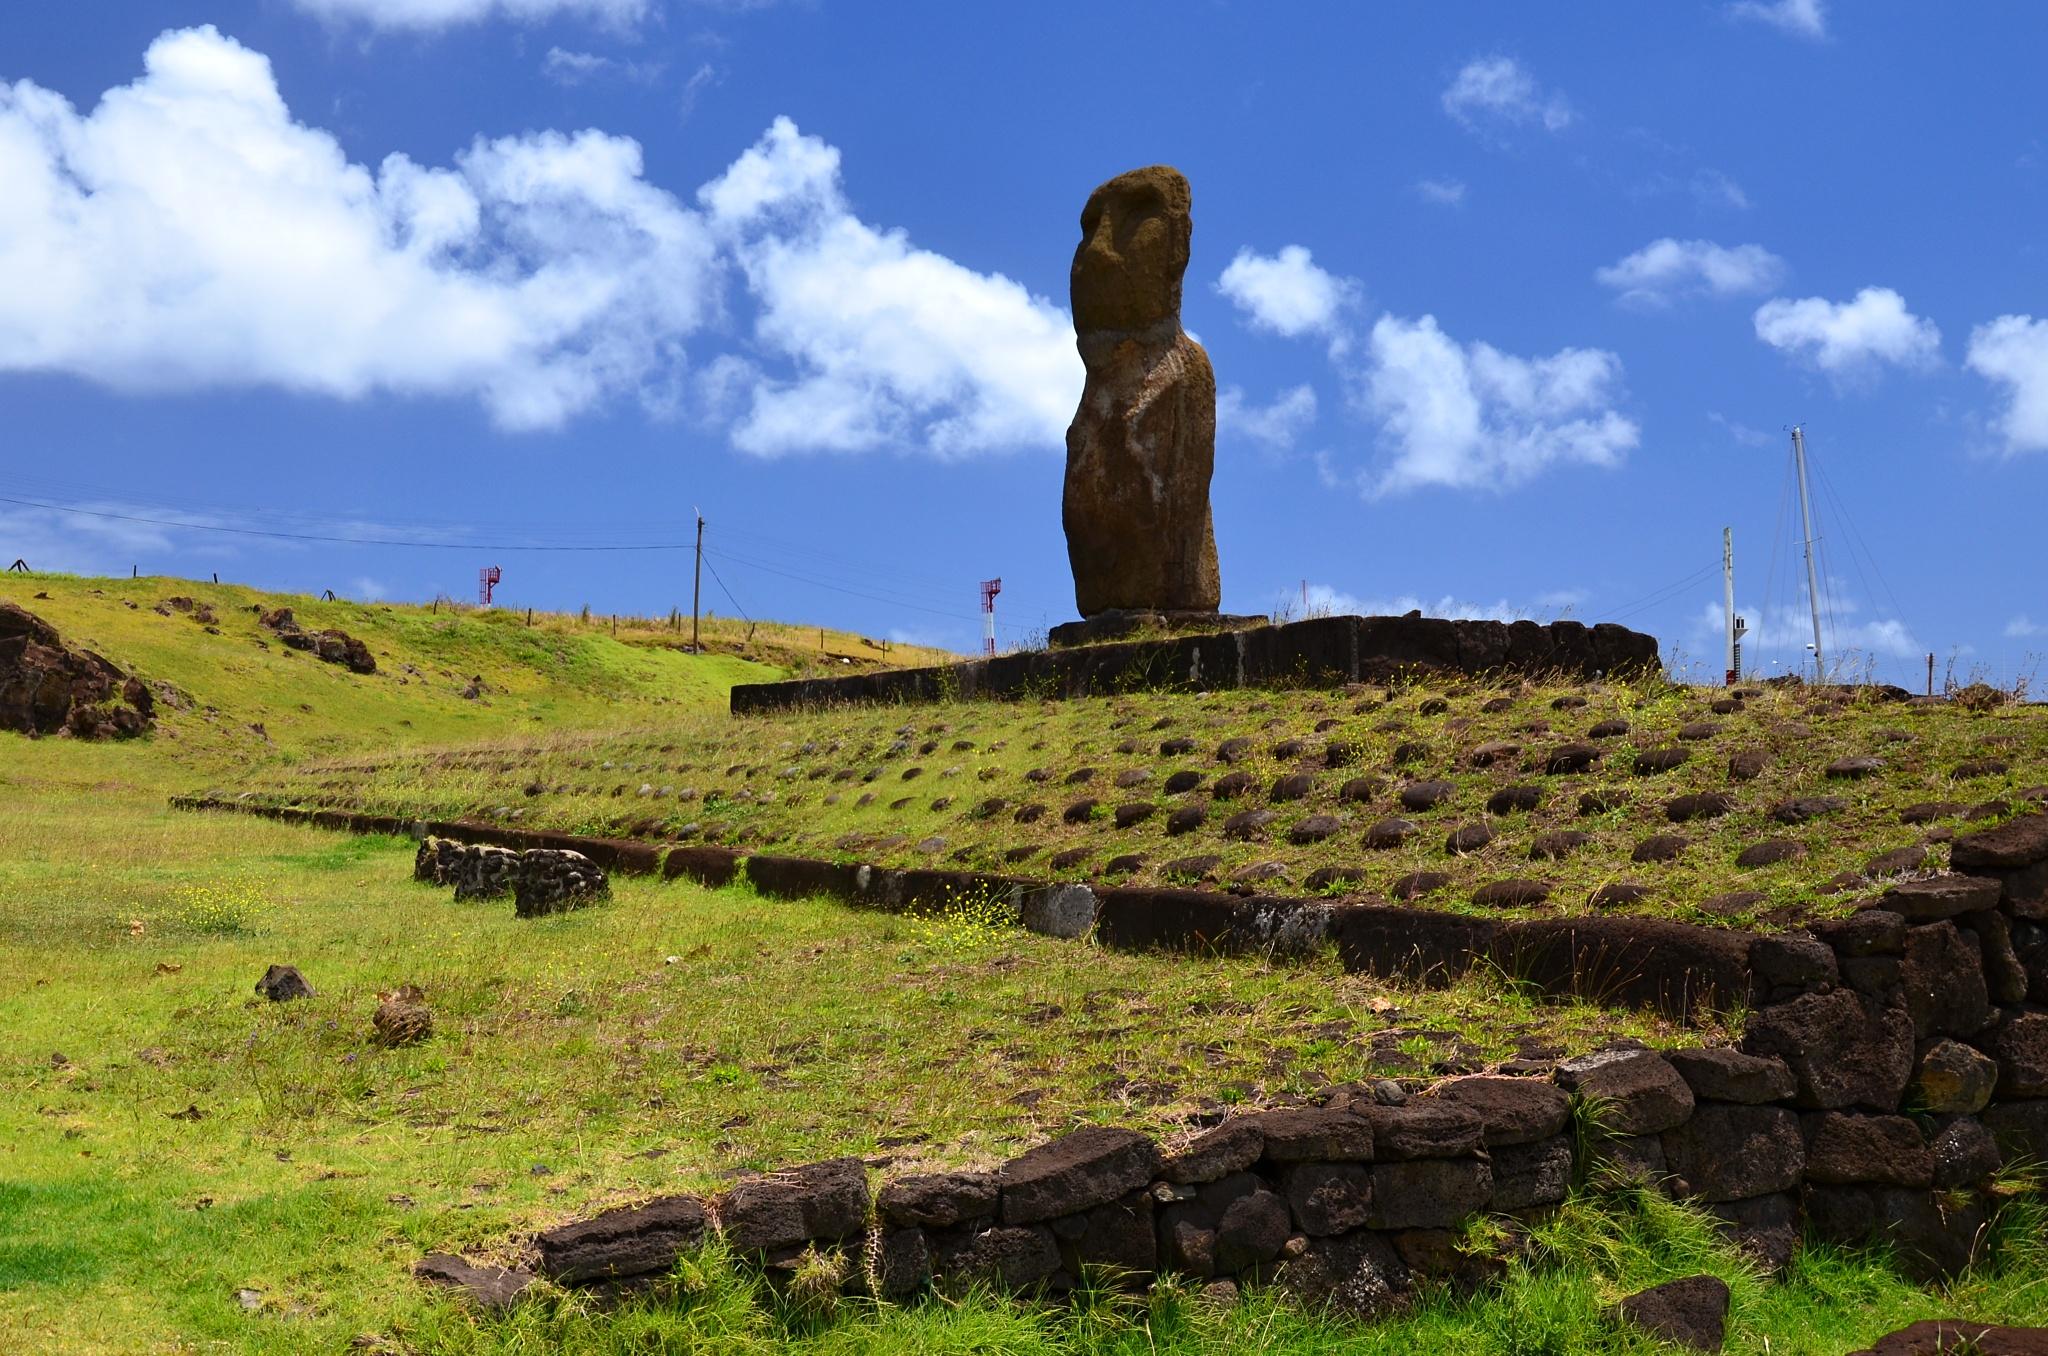 První Moai, kterou jsme na ostrově viděli